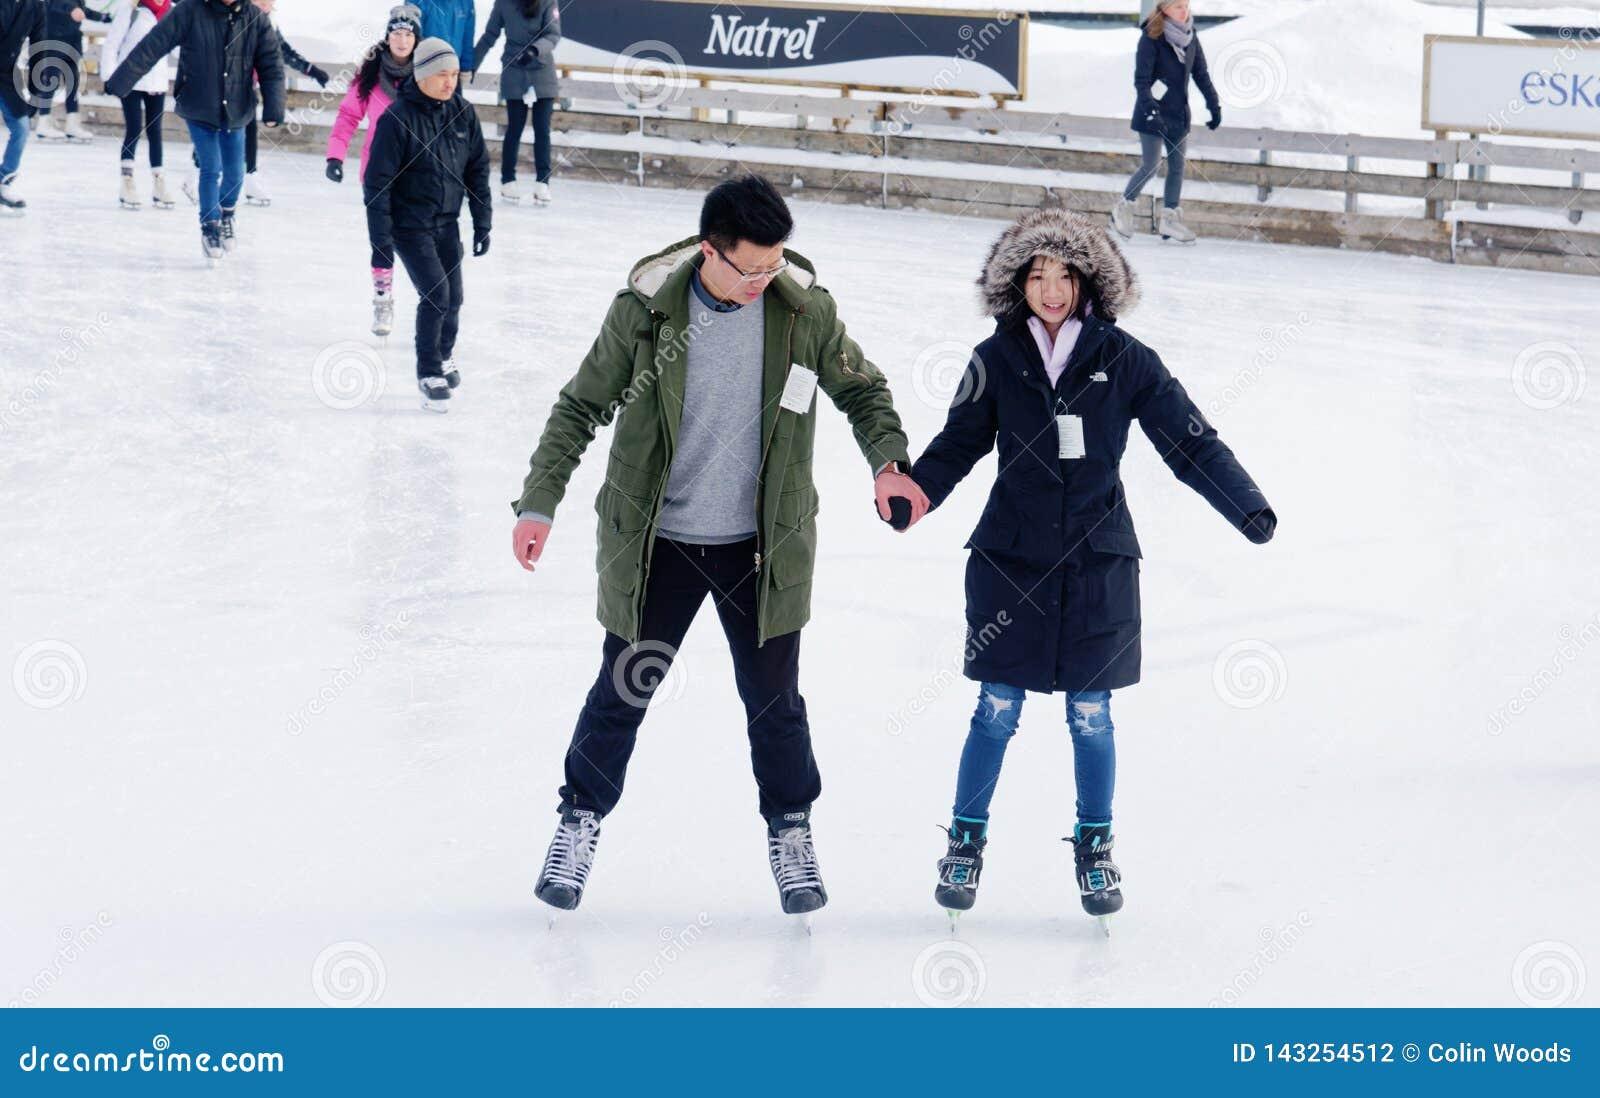 Un patinage de glace de couples sur une piste extérieure à Montréal